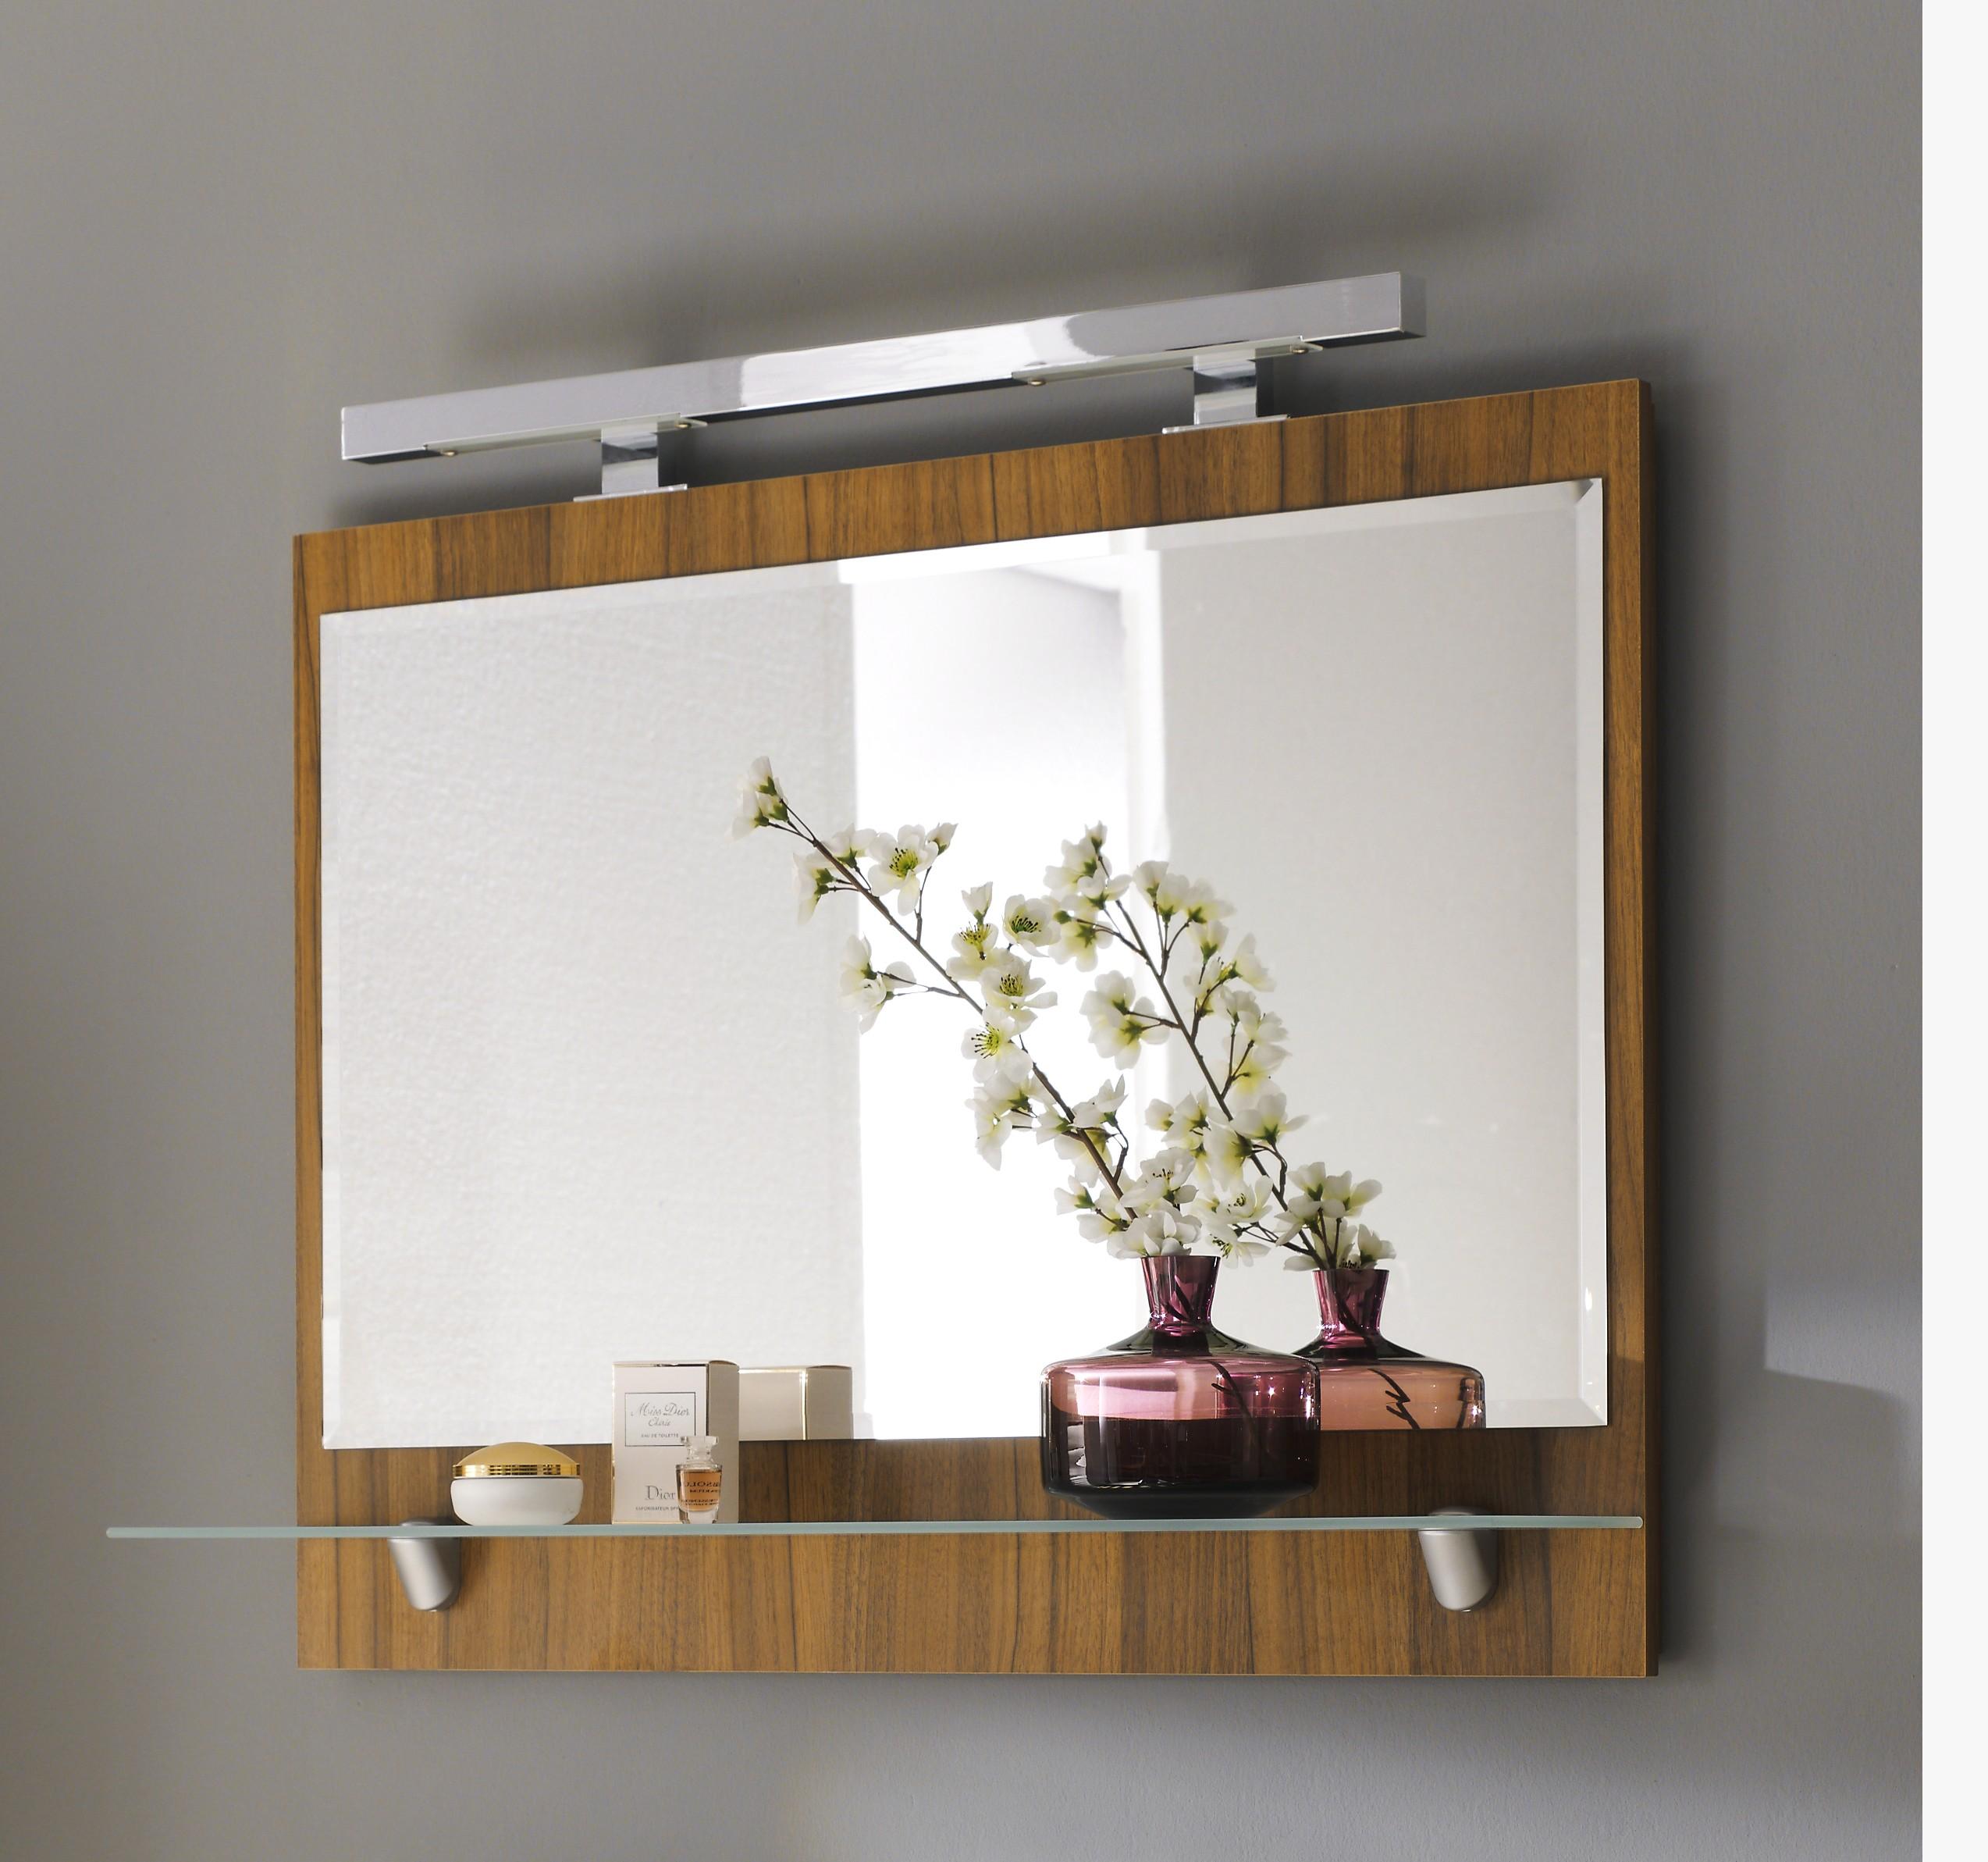 badspiegel mit lampe images. Black Bedroom Furniture Sets. Home Design Ideas